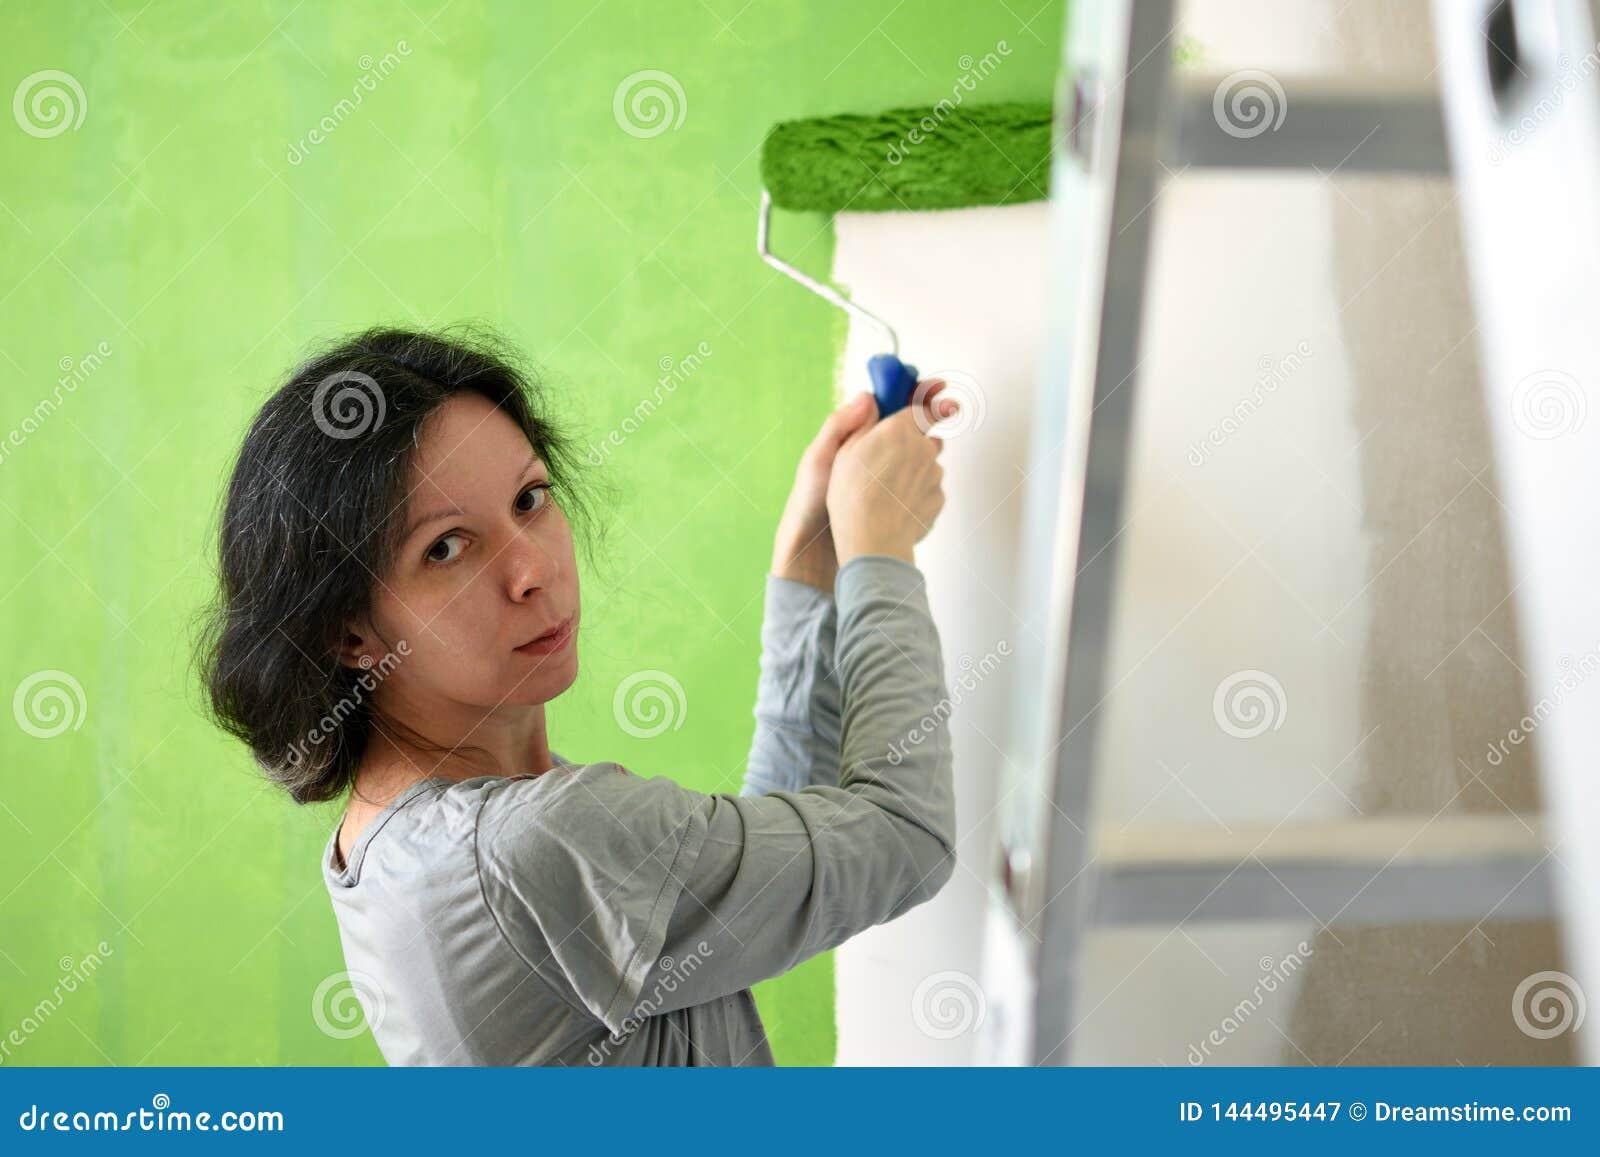 Pared interior de la mujer joven del verde bonito de la pintura con el rodillo en un nuevo hogar